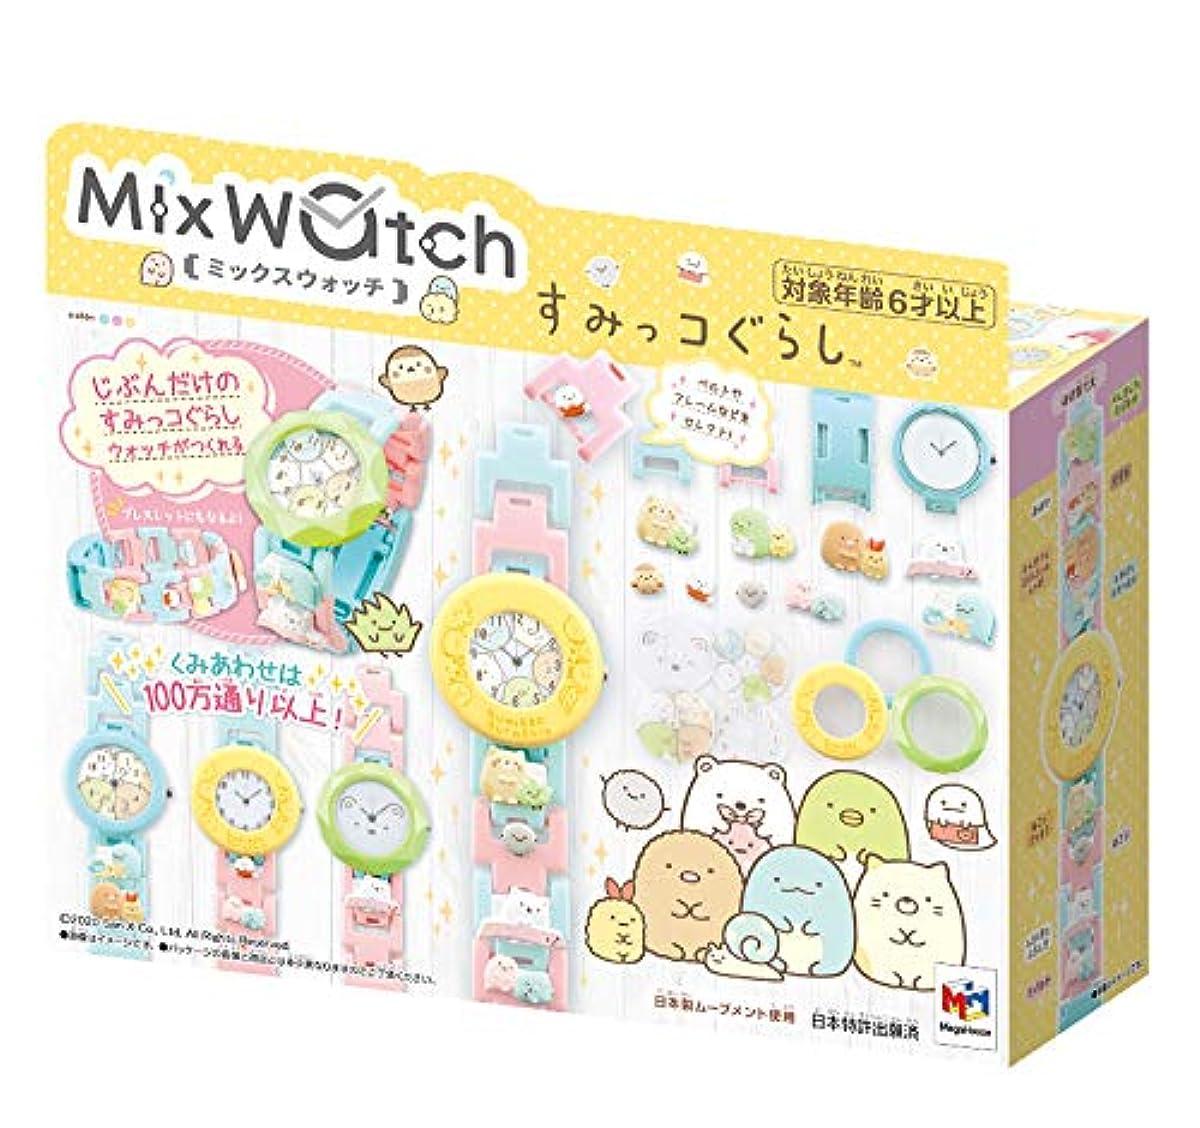 [해외] Mix Watch 믹스워치 스밋코구라시 시계